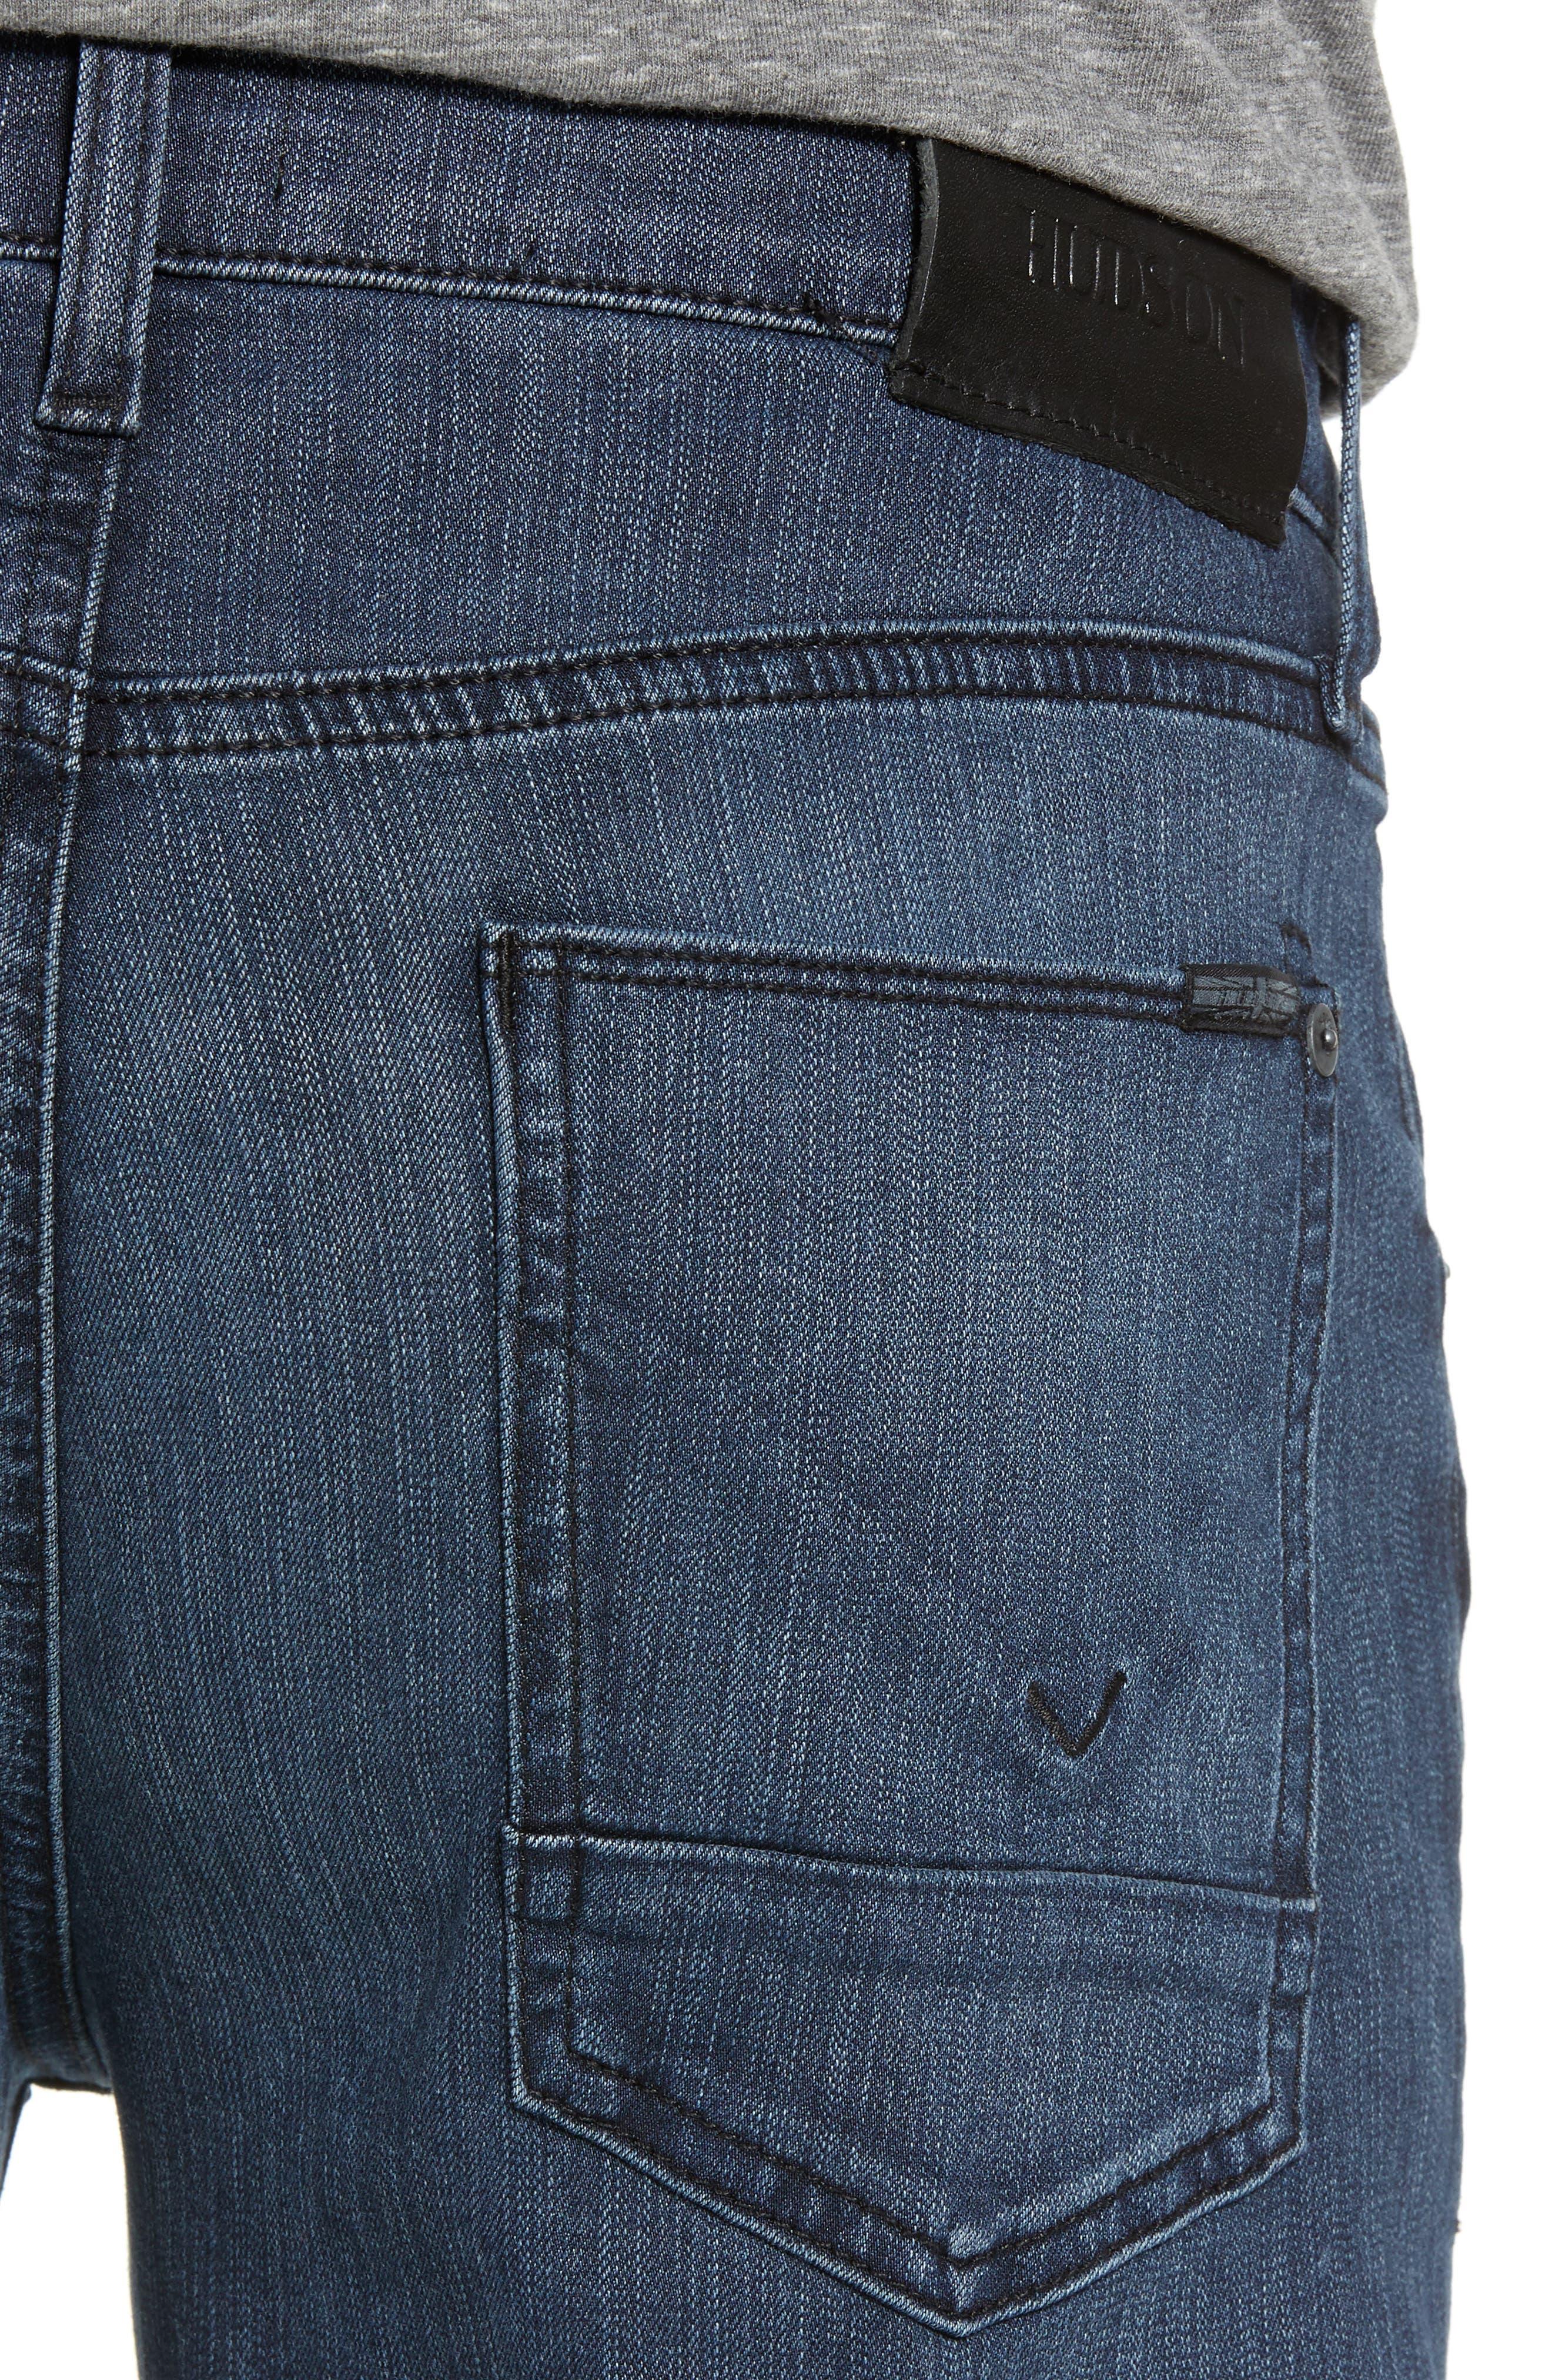 Blake Slim Fit Jeans,                             Alternate thumbnail 5, color,                             Loma